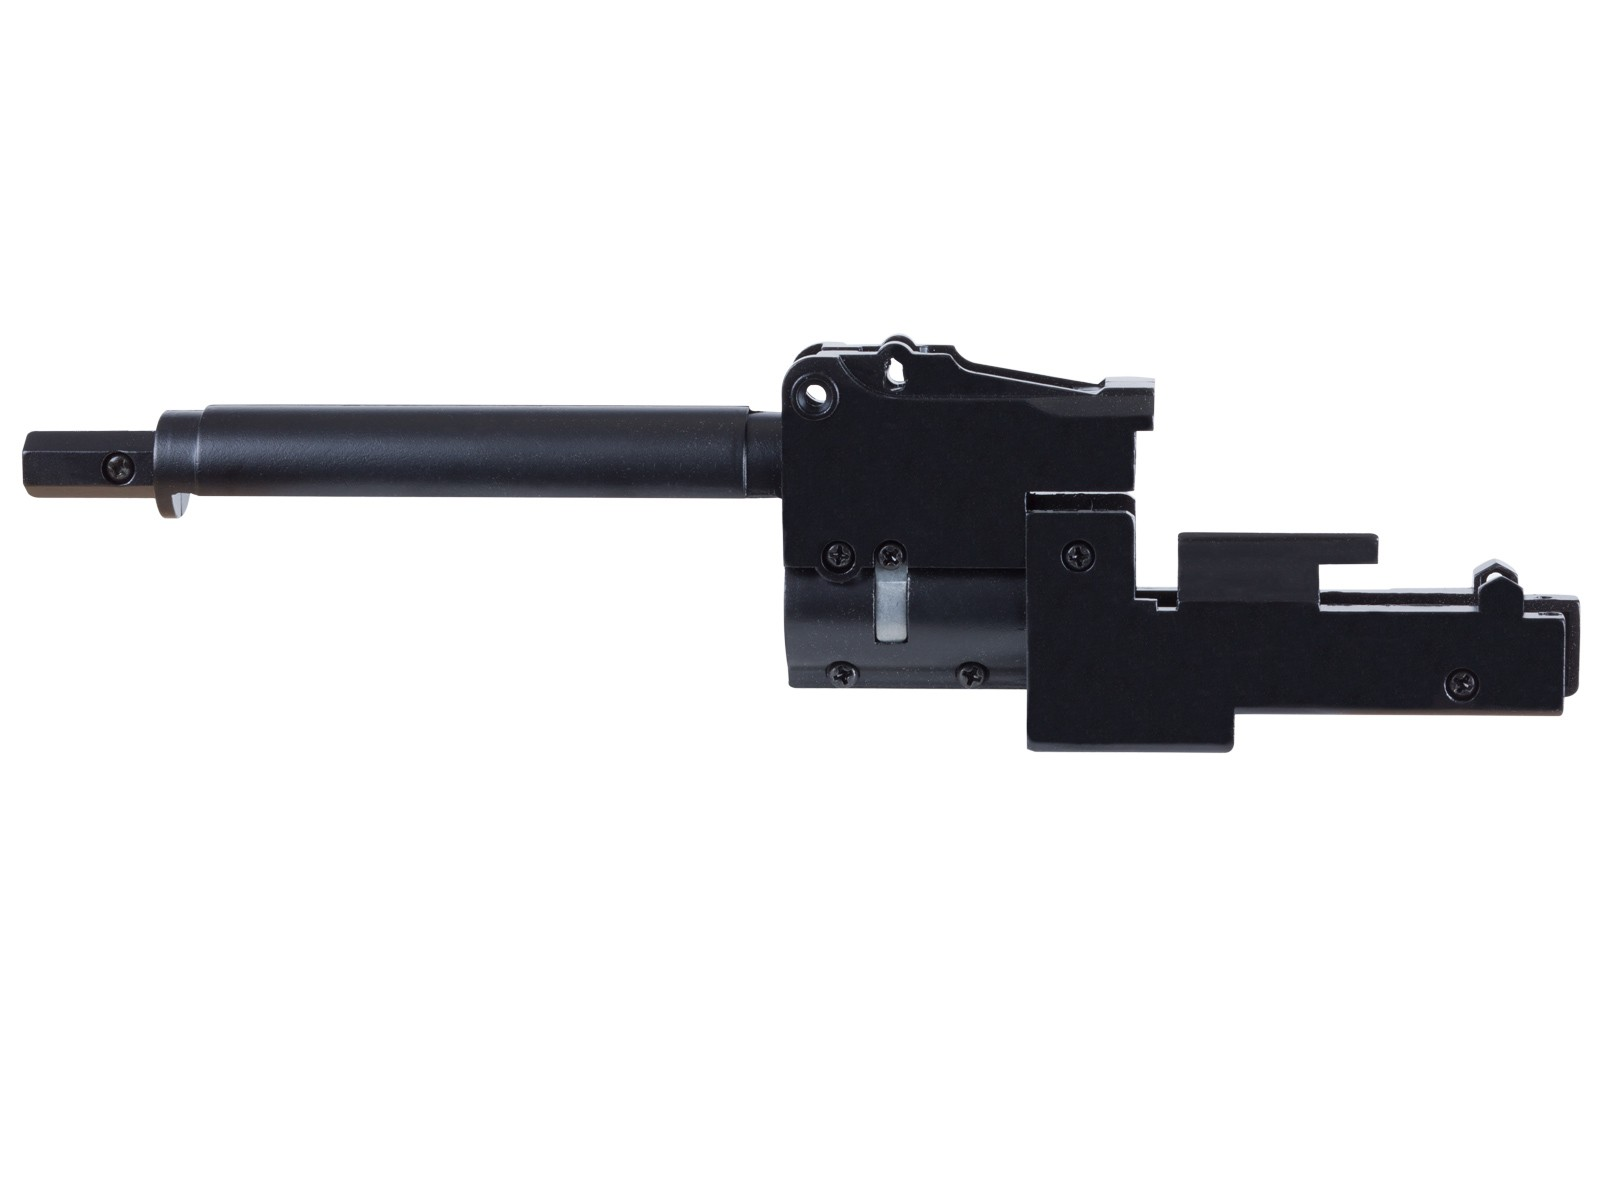 SRC SAK-31, Rear Sight Base for AK Series (Standard)